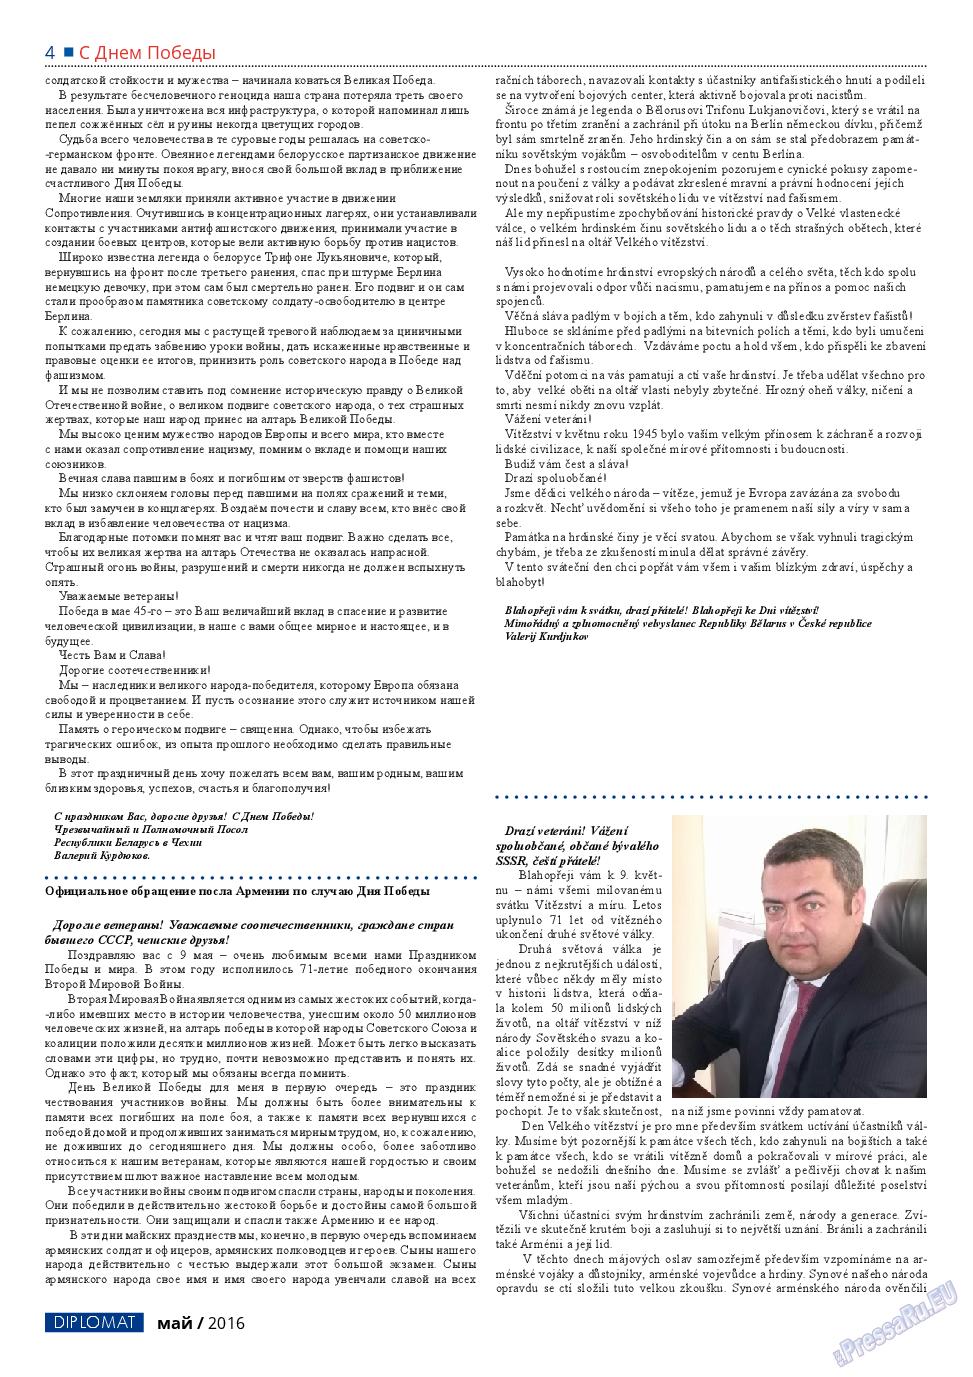 Diplomat (газета). 2016 год, номер 80, стр. 4